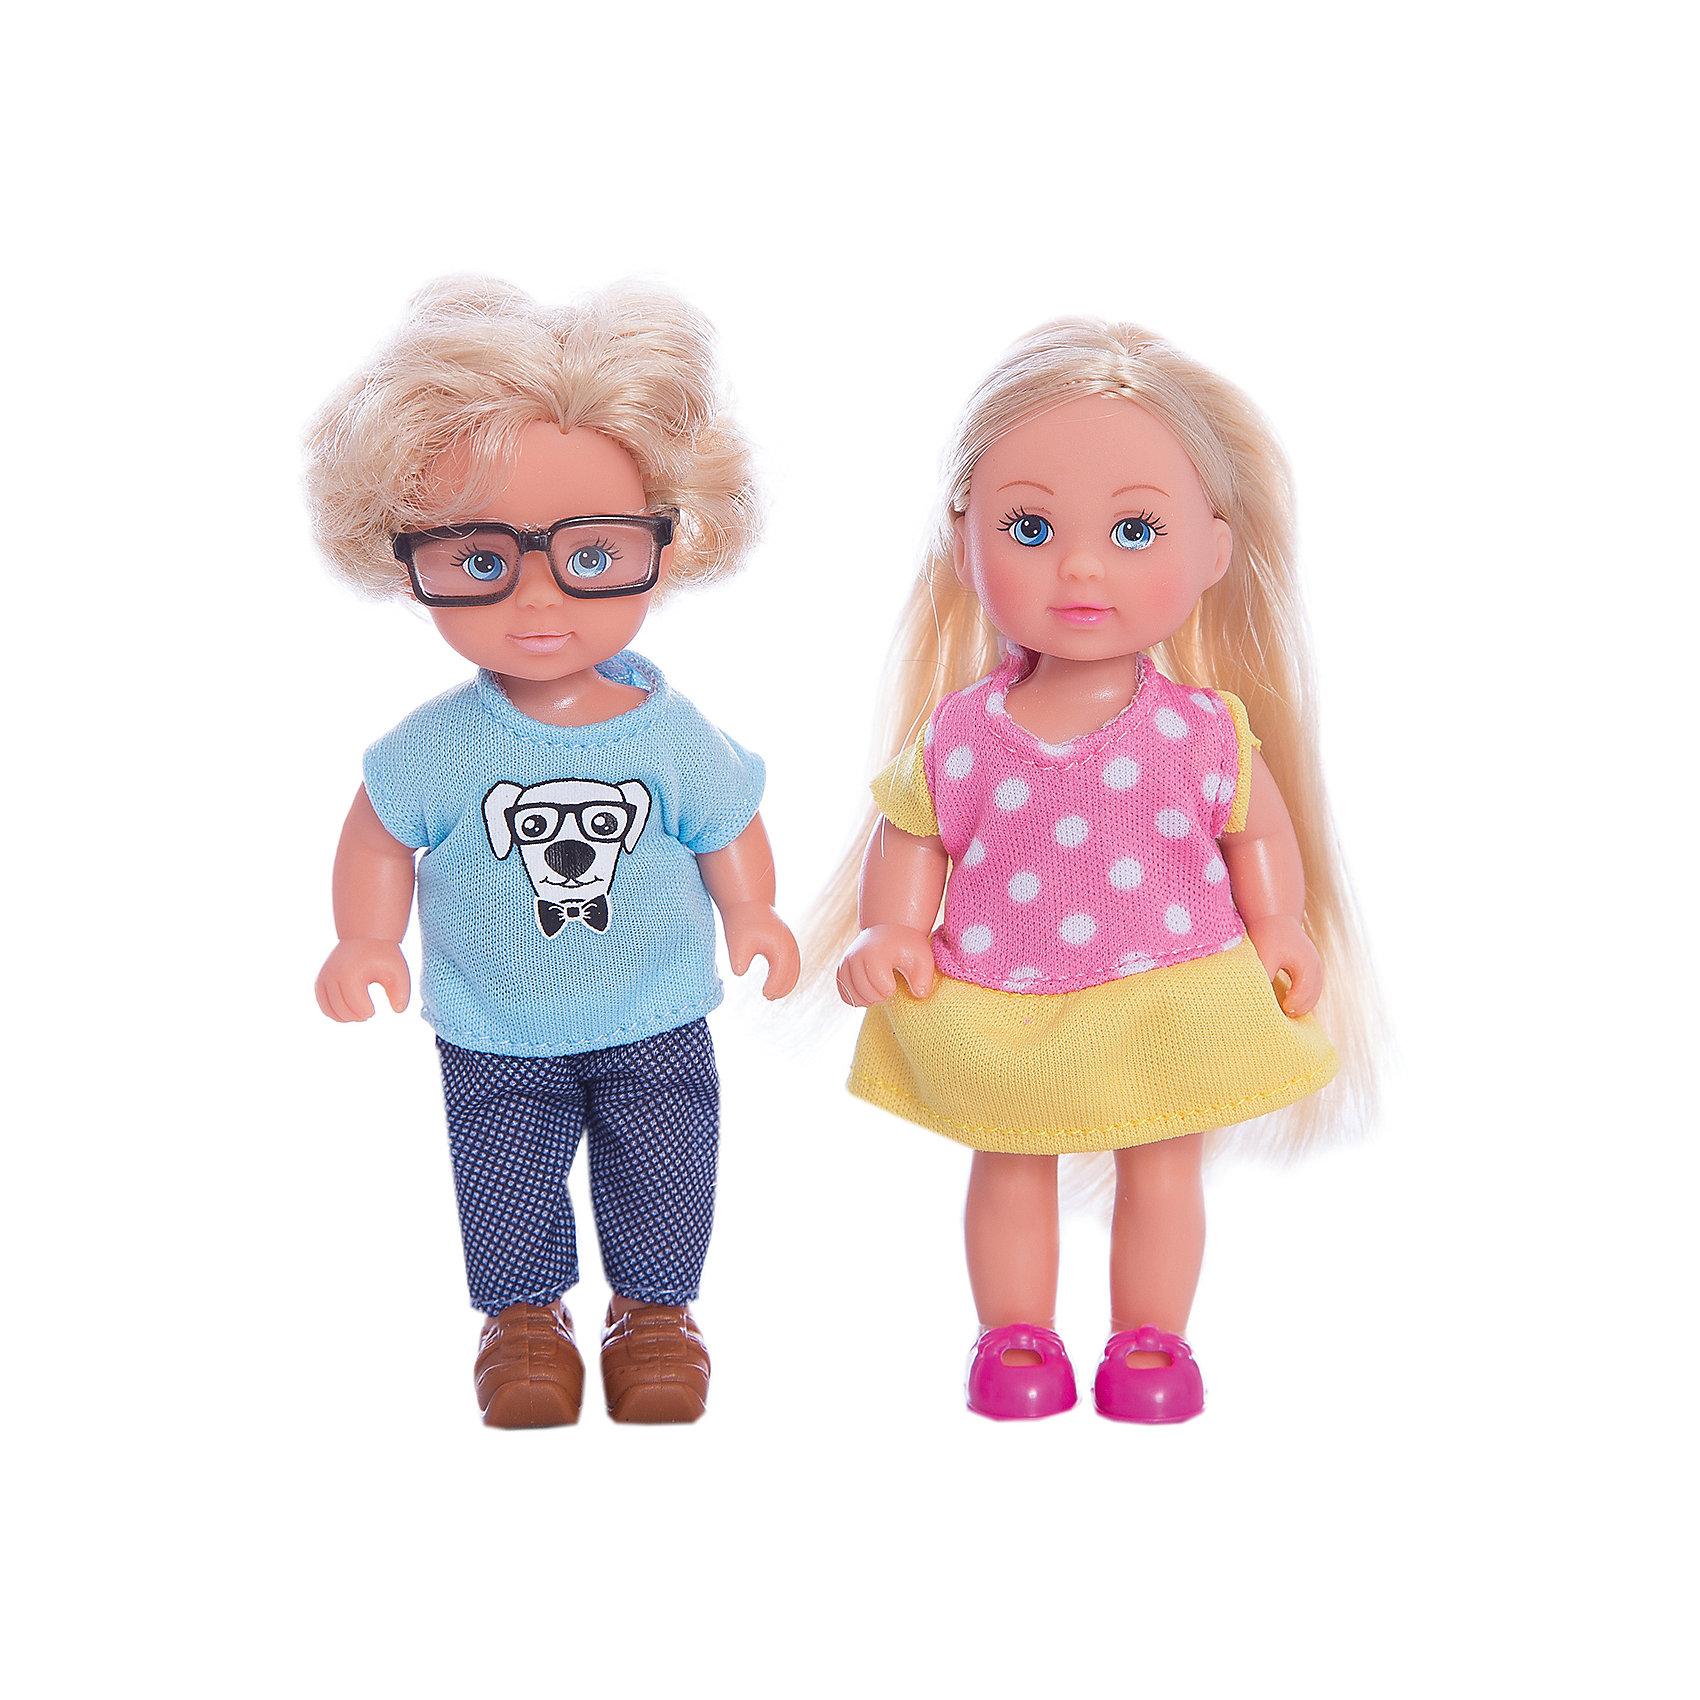 Кукла Еви и Тимми, SimbaМини-куклы<br>Характеристики товара:<br><br>- цвет: разноцветный;<br>- материал: пластик;<br>- возраст: от трех лет;<br>- комплектация: 2 куклы, аксессуары;<br>- высота куклы: 12 см.<br><br>Эта симпатичная кукла Еви от известного бренда не оставит девочку равнодушной! Какая девочка сможет отказаться поиграть с куклой, которая дополнена лучшим другом Тимми?! В набор входят аксессуары для игр с куклой. Игрушка очень качественно выполнена, поэтому она станет замечательным подарком ребенку. <br>Продается набор в красивой удобной упаковке. Изделие произведено из высококачественного материала, безопасного для детей.<br><br>Куклу Еви и Тимми от бренда Simba можно купить в нашем интернет-магазине.<br><br>Ширина мм: 121<br>Глубина мм: 164<br>Высота мм: 45<br>Вес г: 111<br>Возраст от месяцев: 36<br>Возраст до месяцев: 168<br>Пол: Женский<br>Возраст: Детский<br>SKU: 5104807